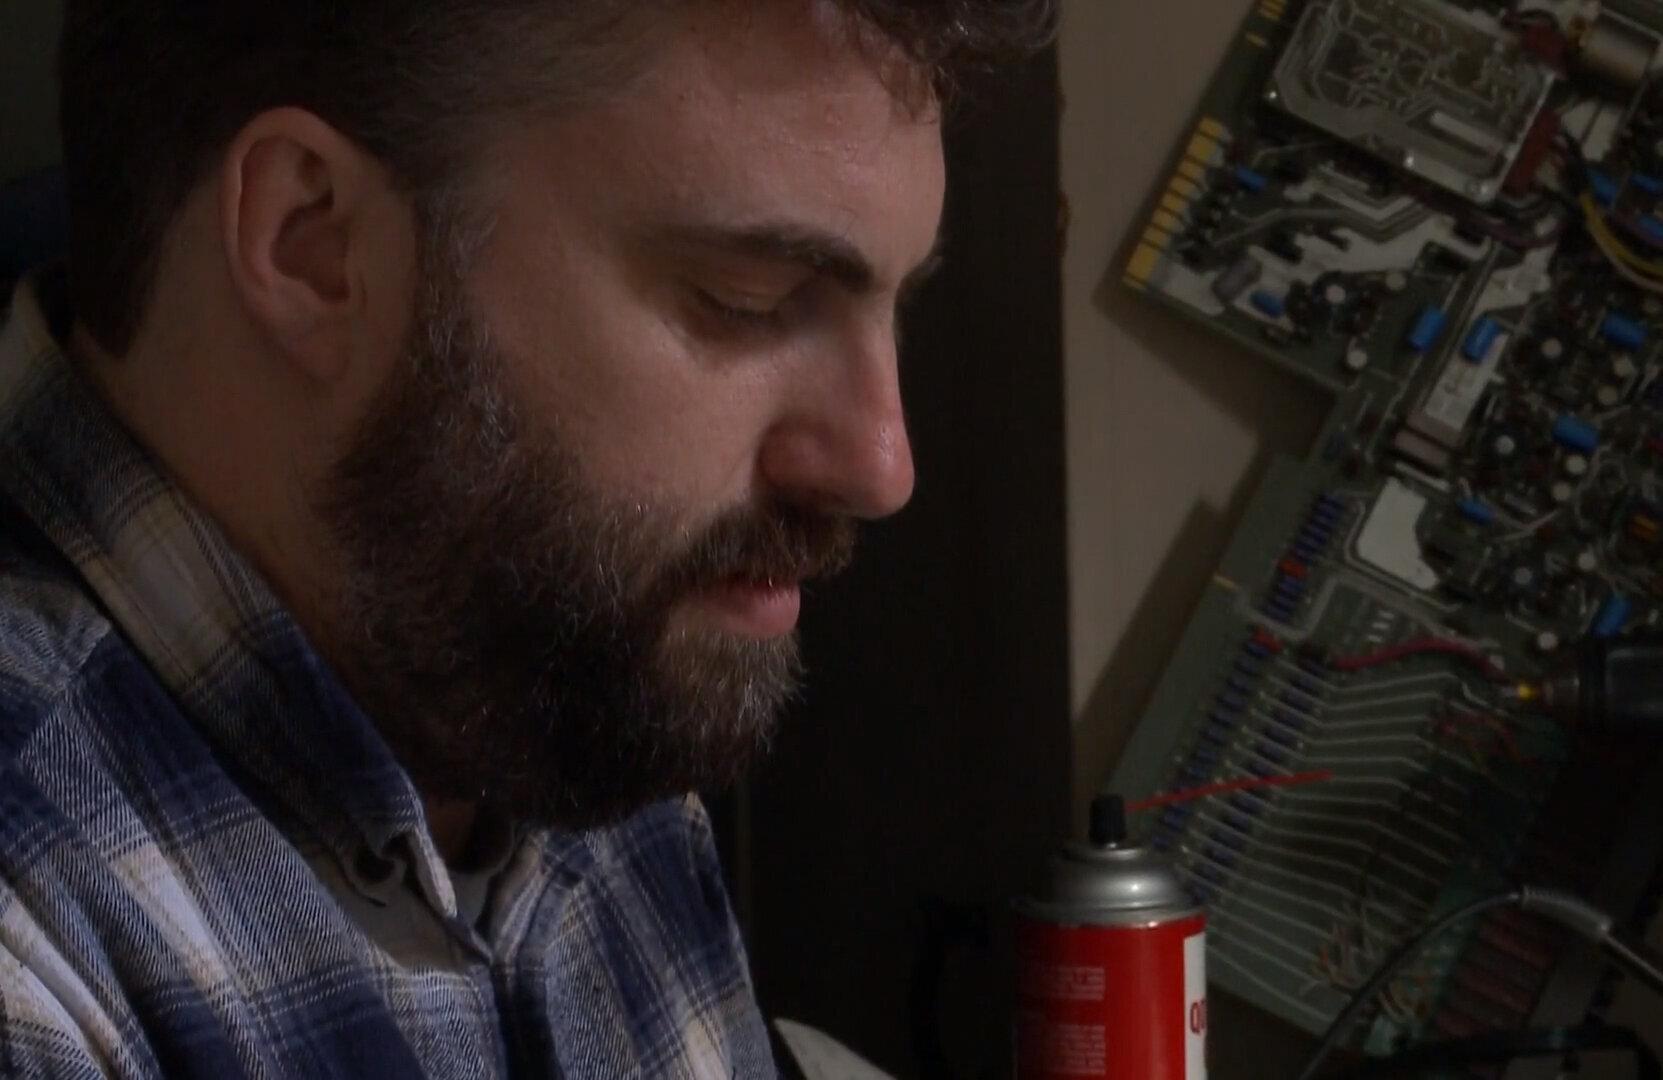 Un tecnico ripara uno strumento musicale degli anni '60. E finisce sotto effetto di Lsd per 9